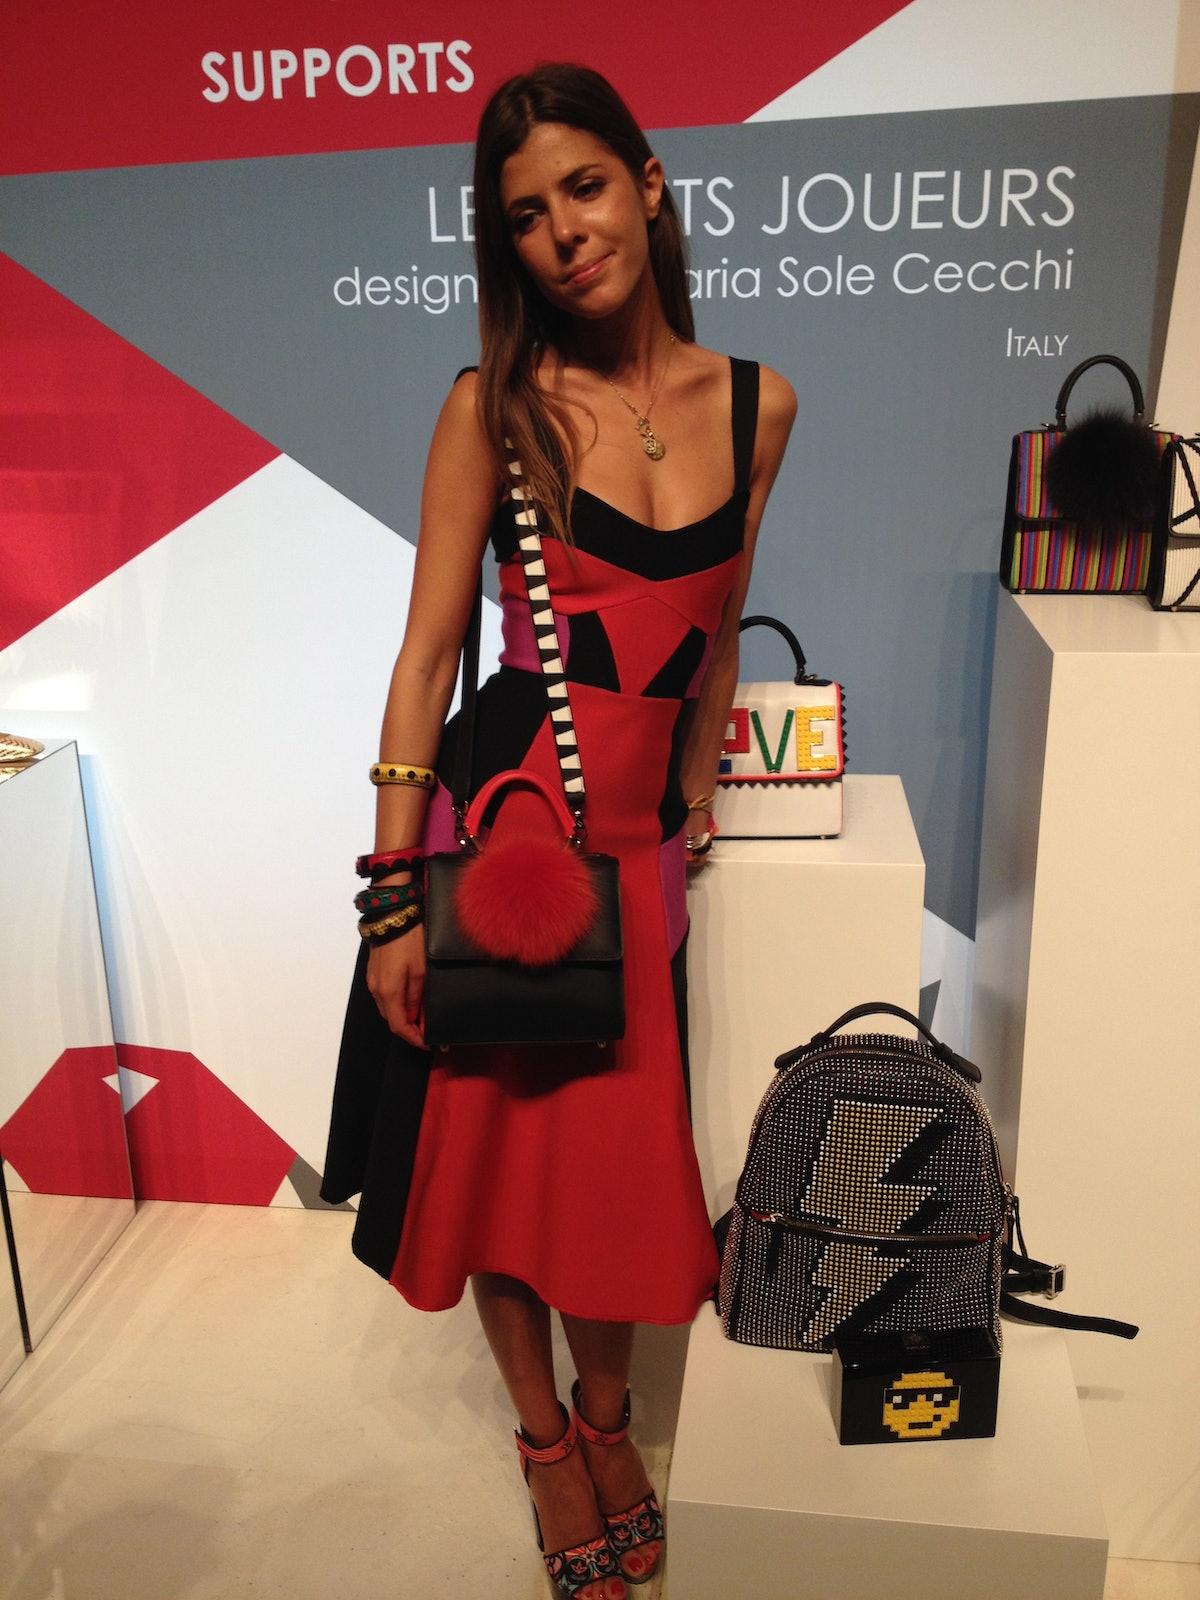 Maria Sole Cecchi of Les petits Joueurs